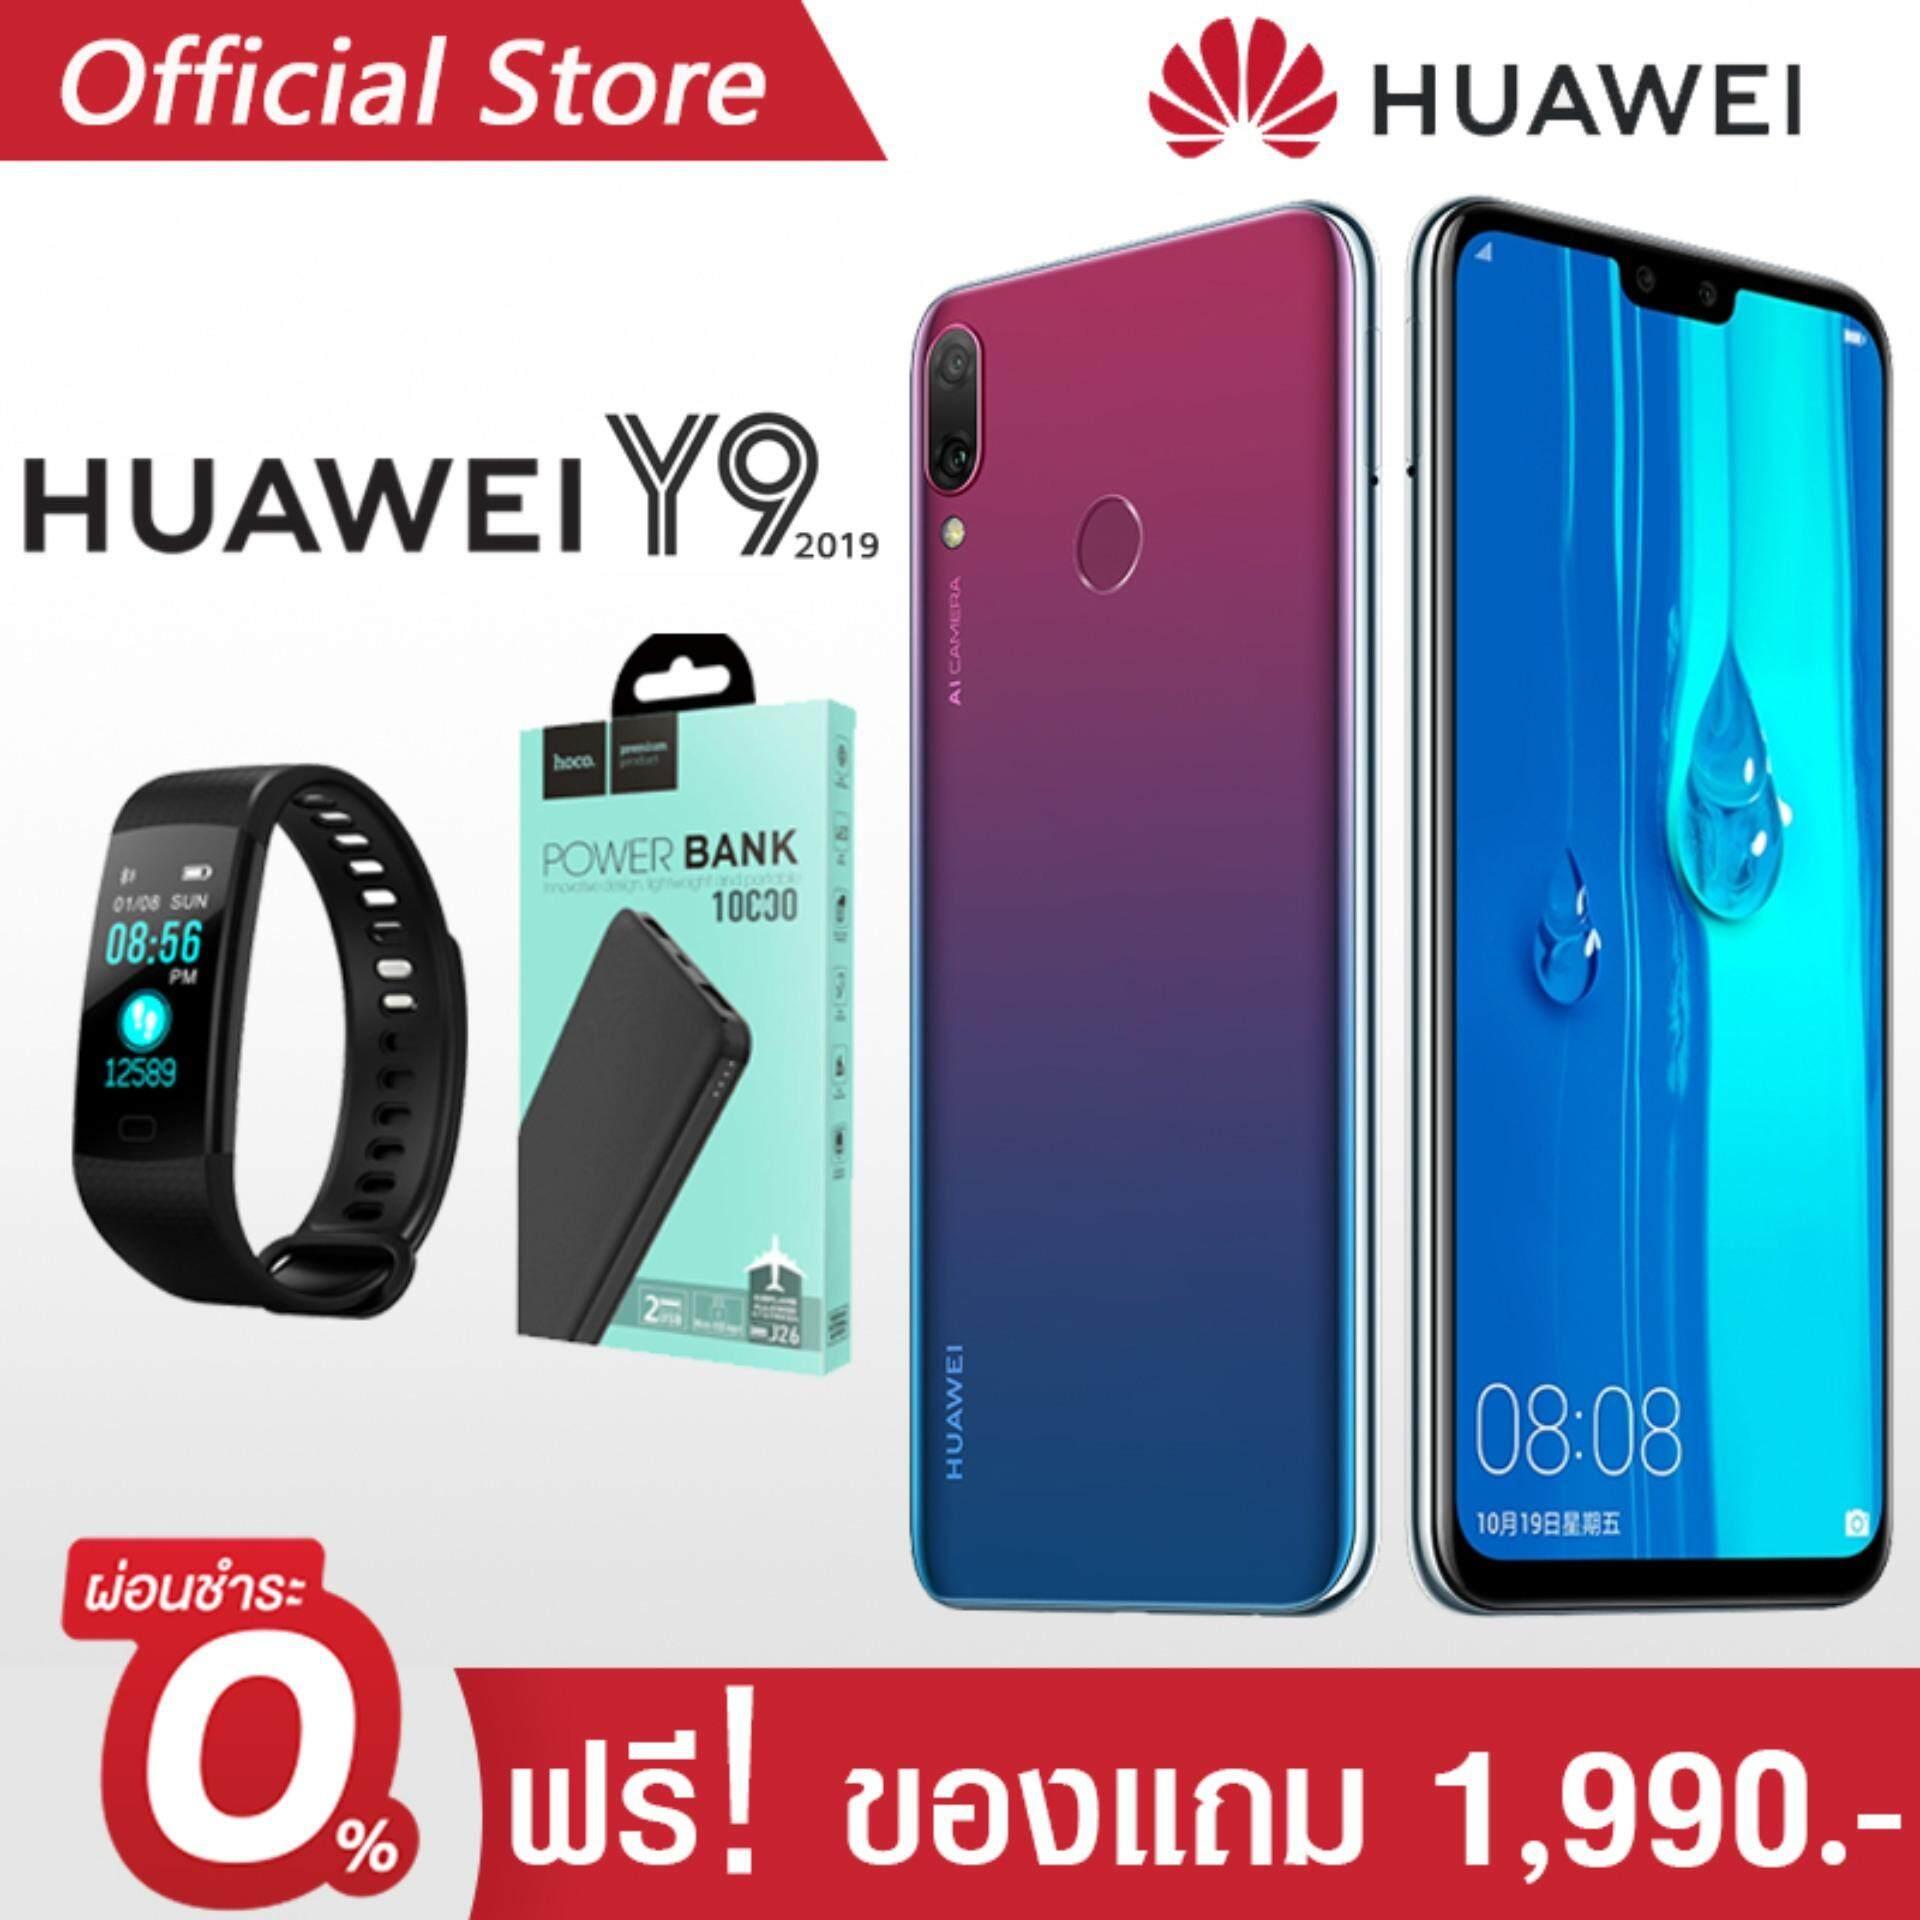 [สามารถเลือกผ่อน 0% 10 เดือนได้] Huawei Y9 2019 *4 GB+ 64 GB *พร้อมของแถม 10000mAh Powerbank+ smart bracelet *